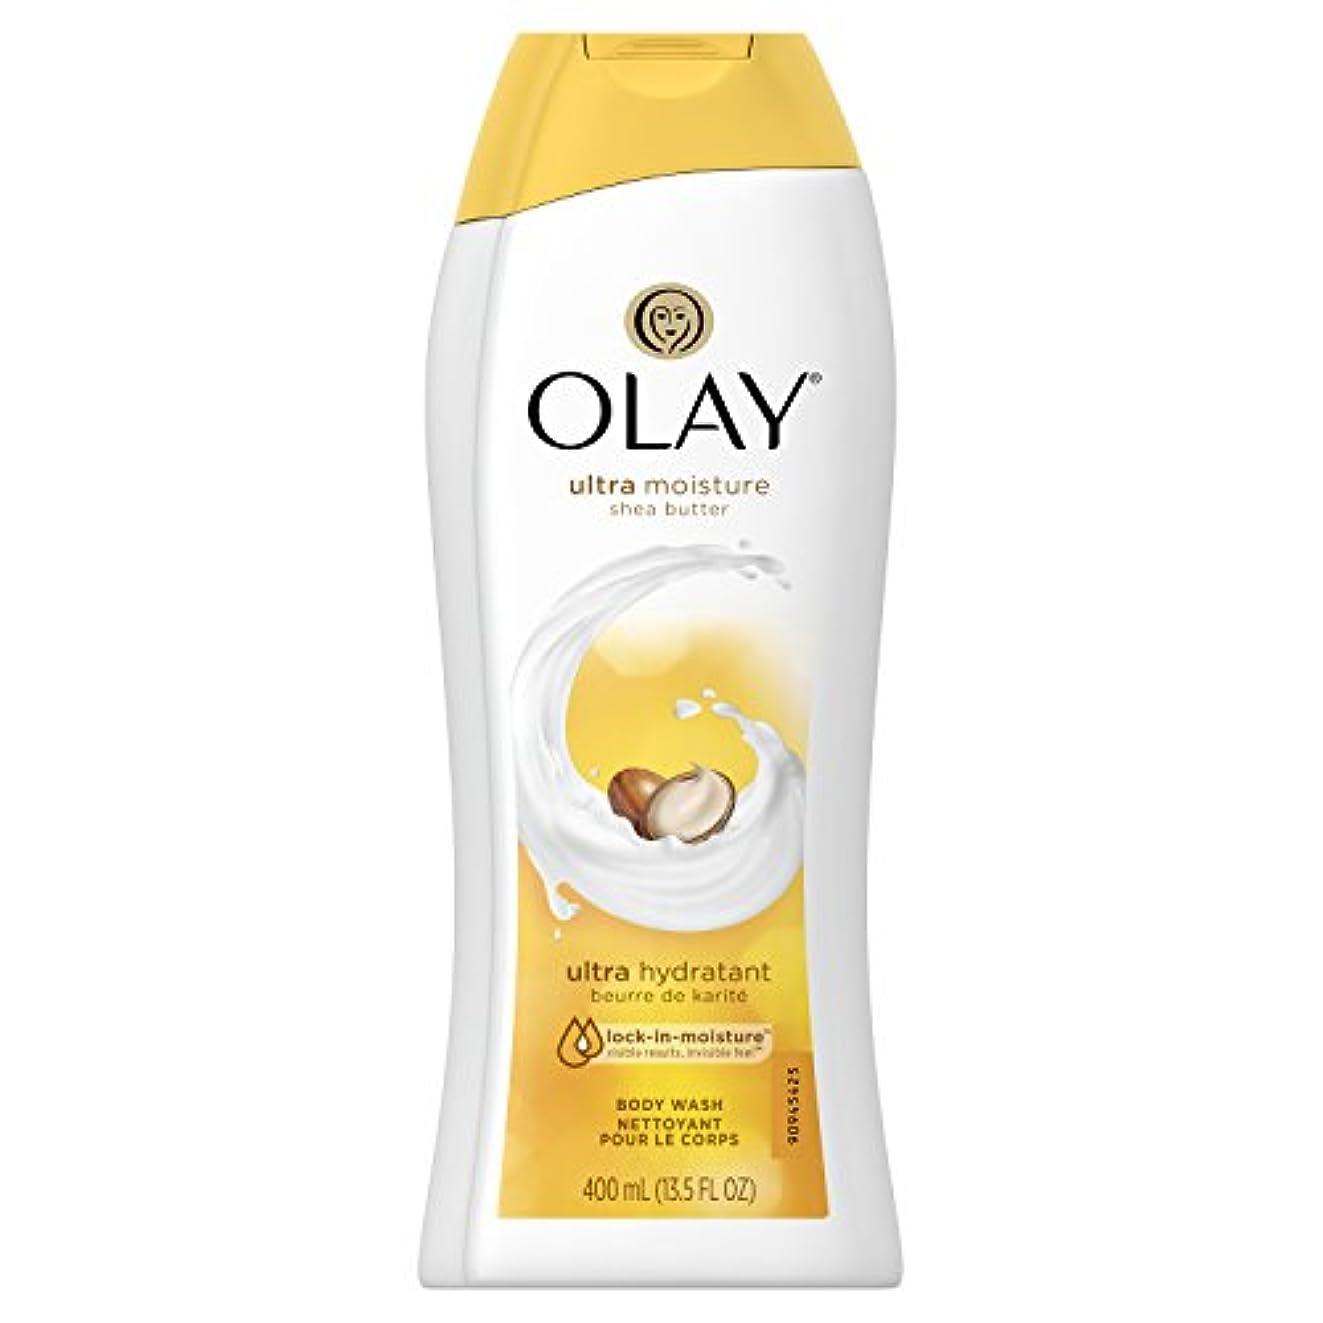 撤回するレンズ汚染Olay Ultra Moisture Moisturizing Body Wash With Shea Butter, 13.5 oz. 2本セット